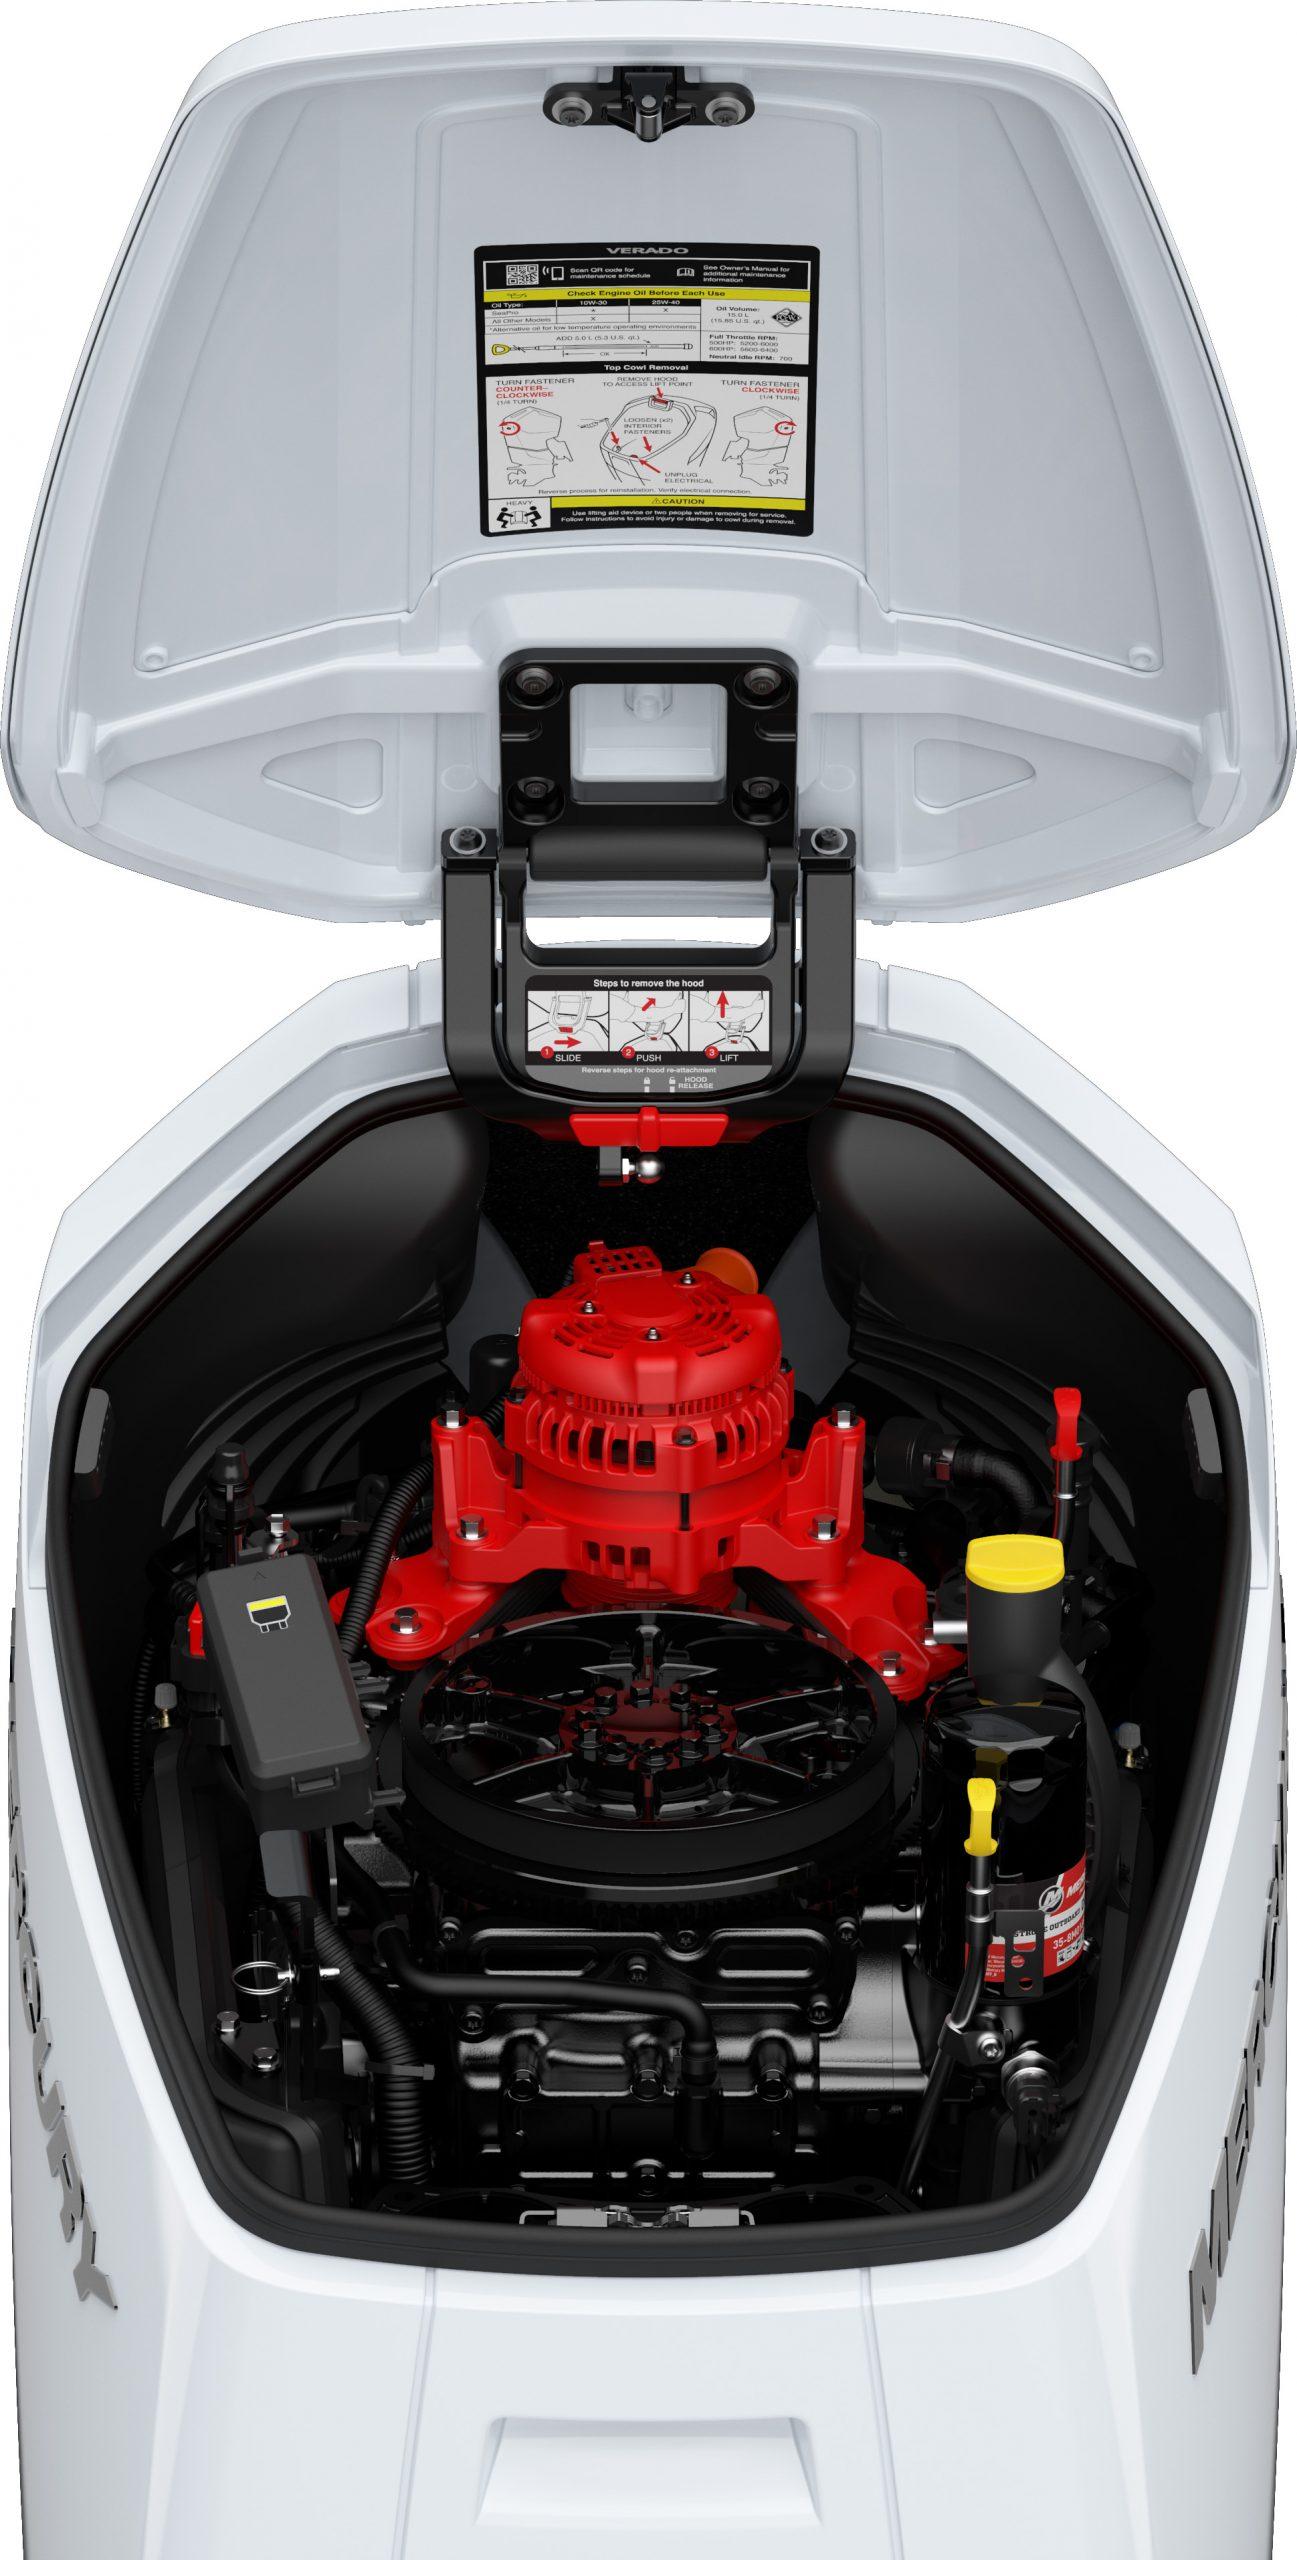 Mercury Verado V12 hood up